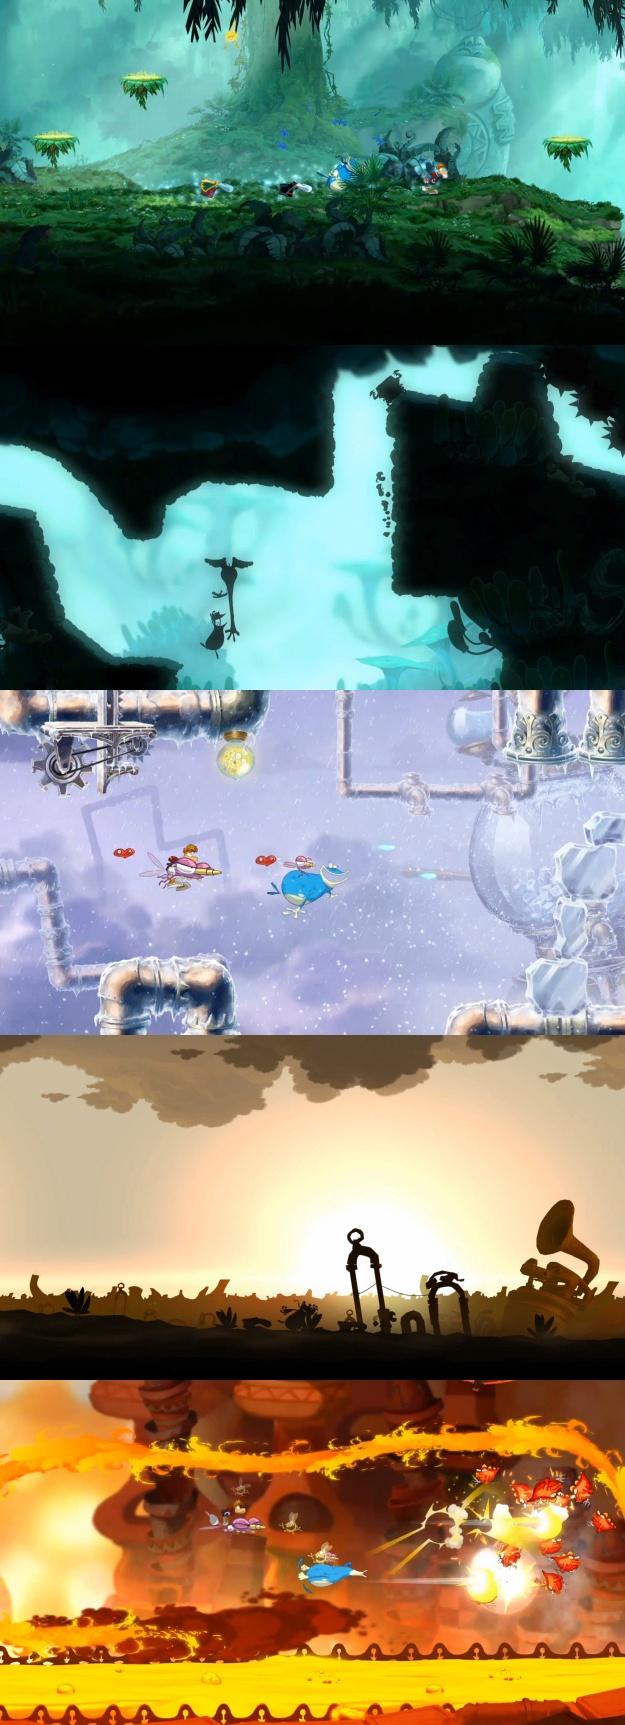 Rayman Origins - Levels